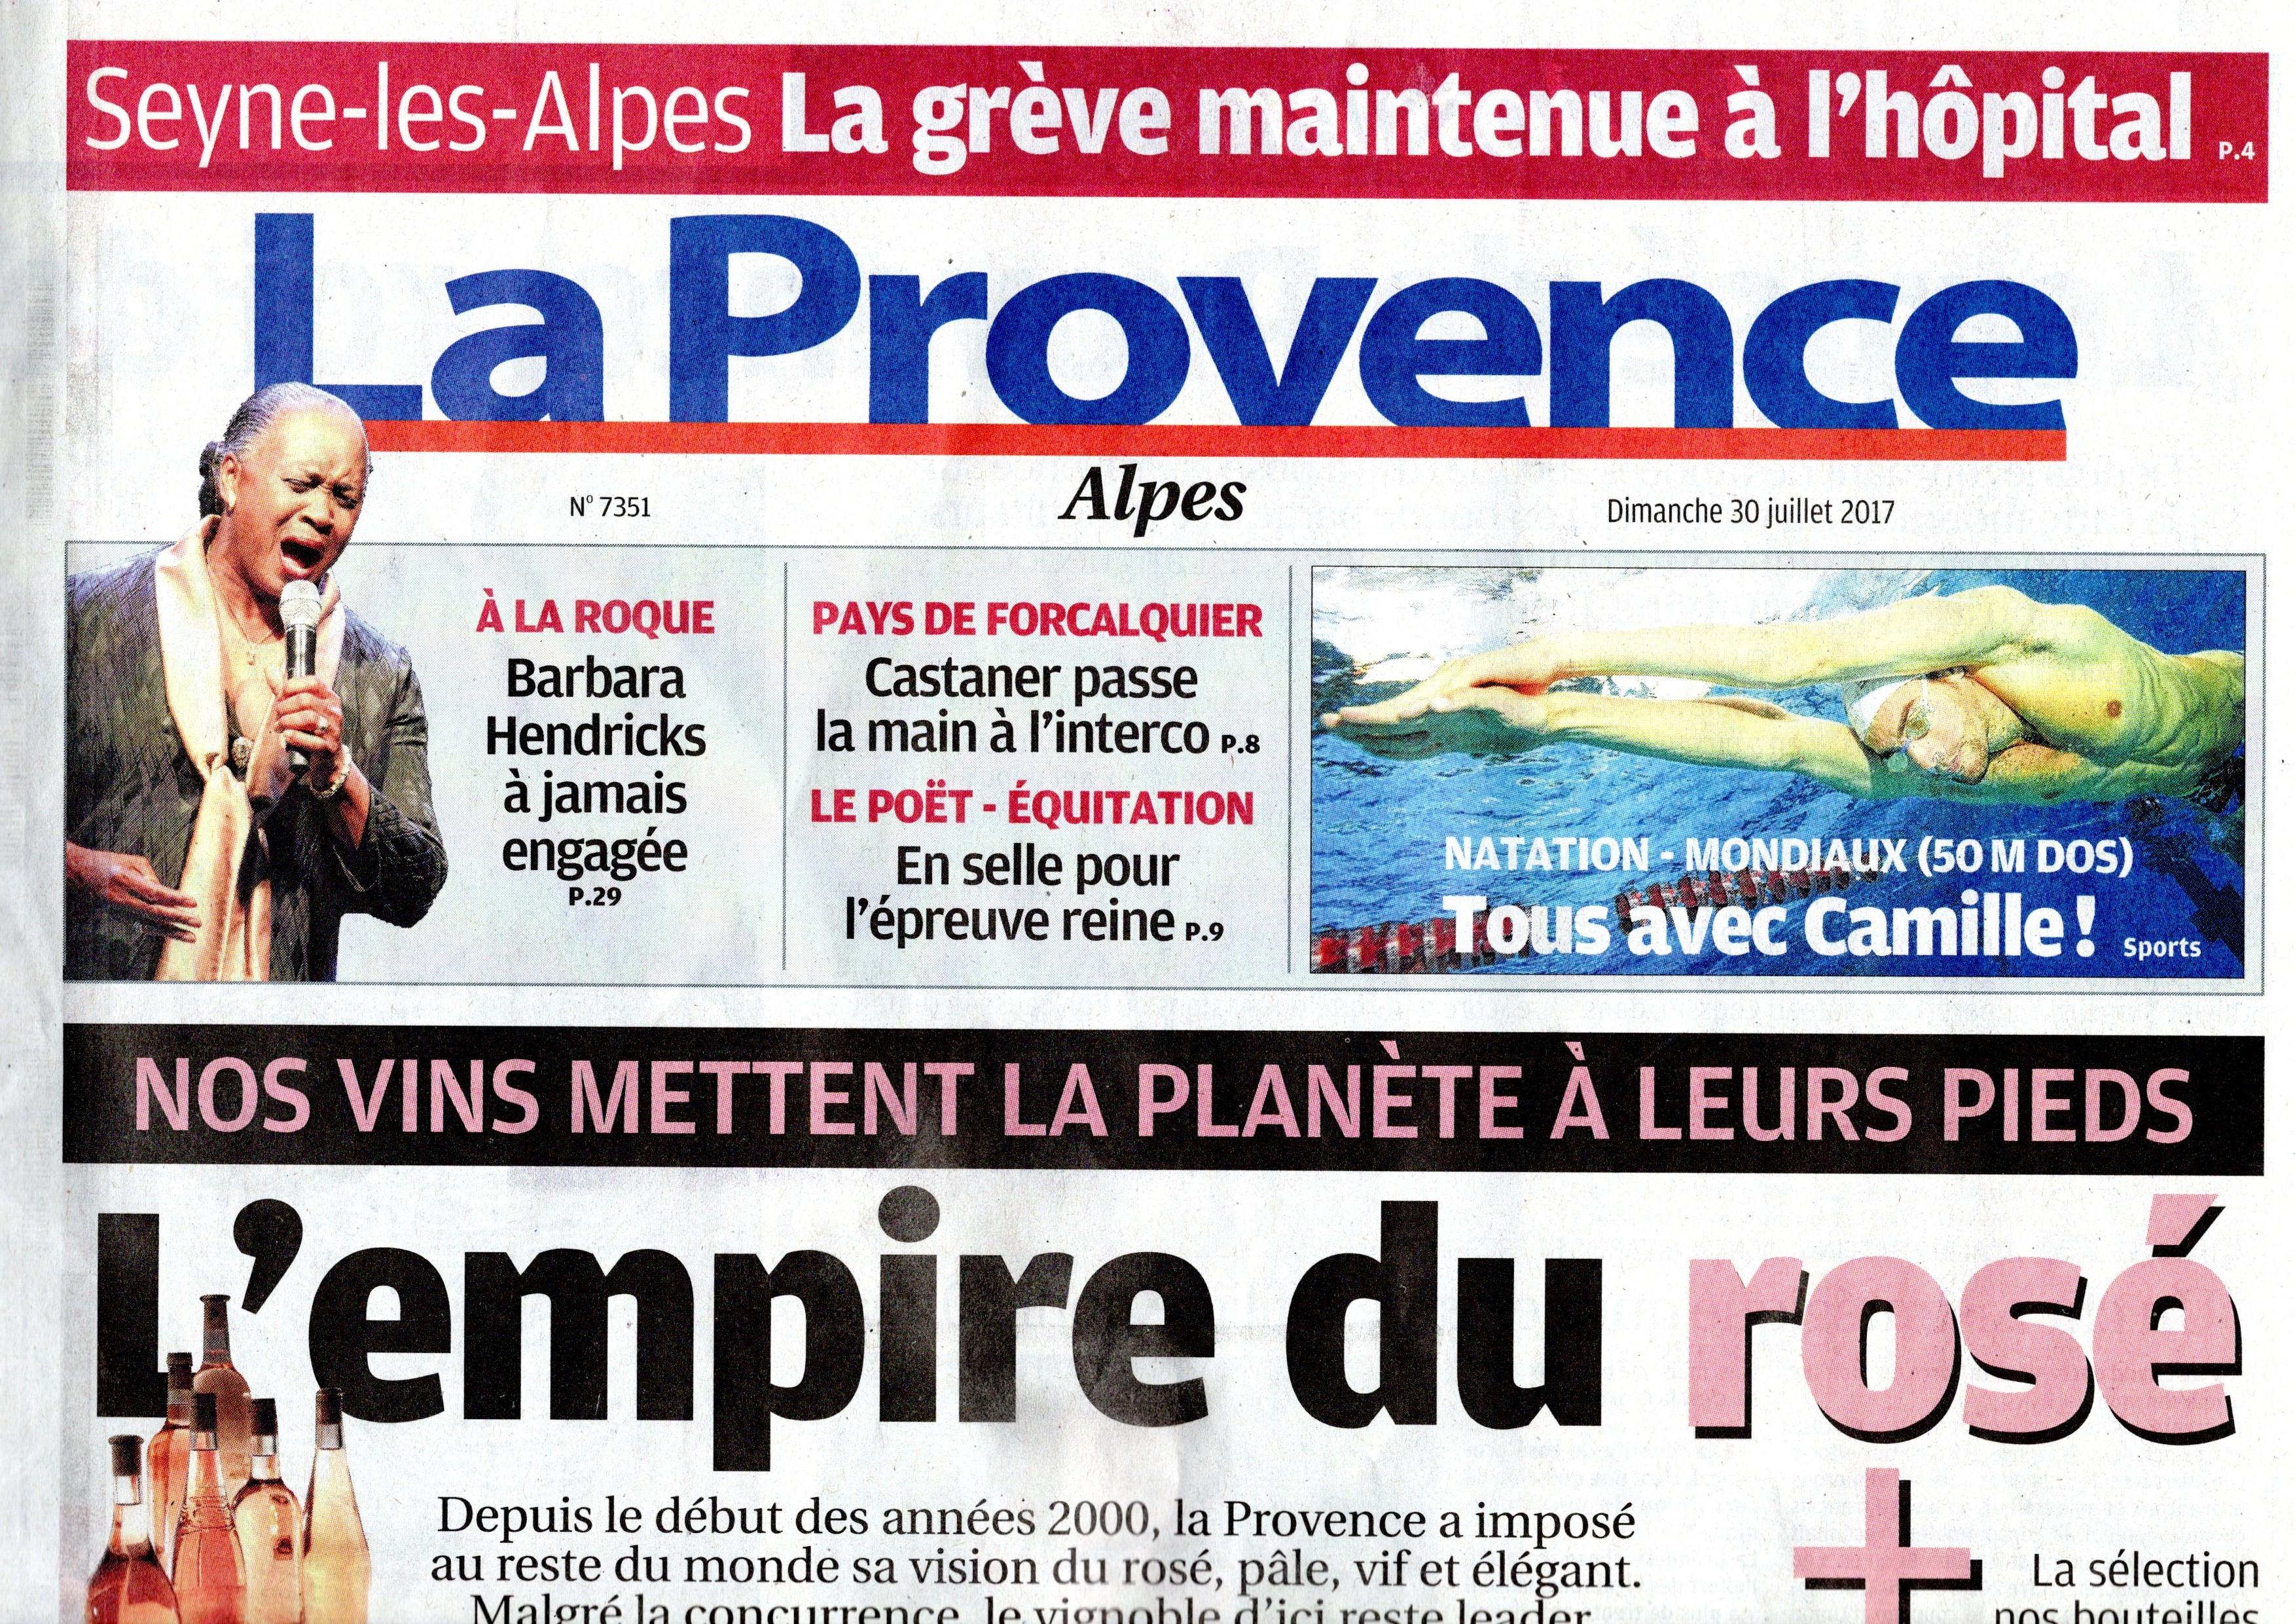 831. La Provence grève Seyne les Alpes (p1)